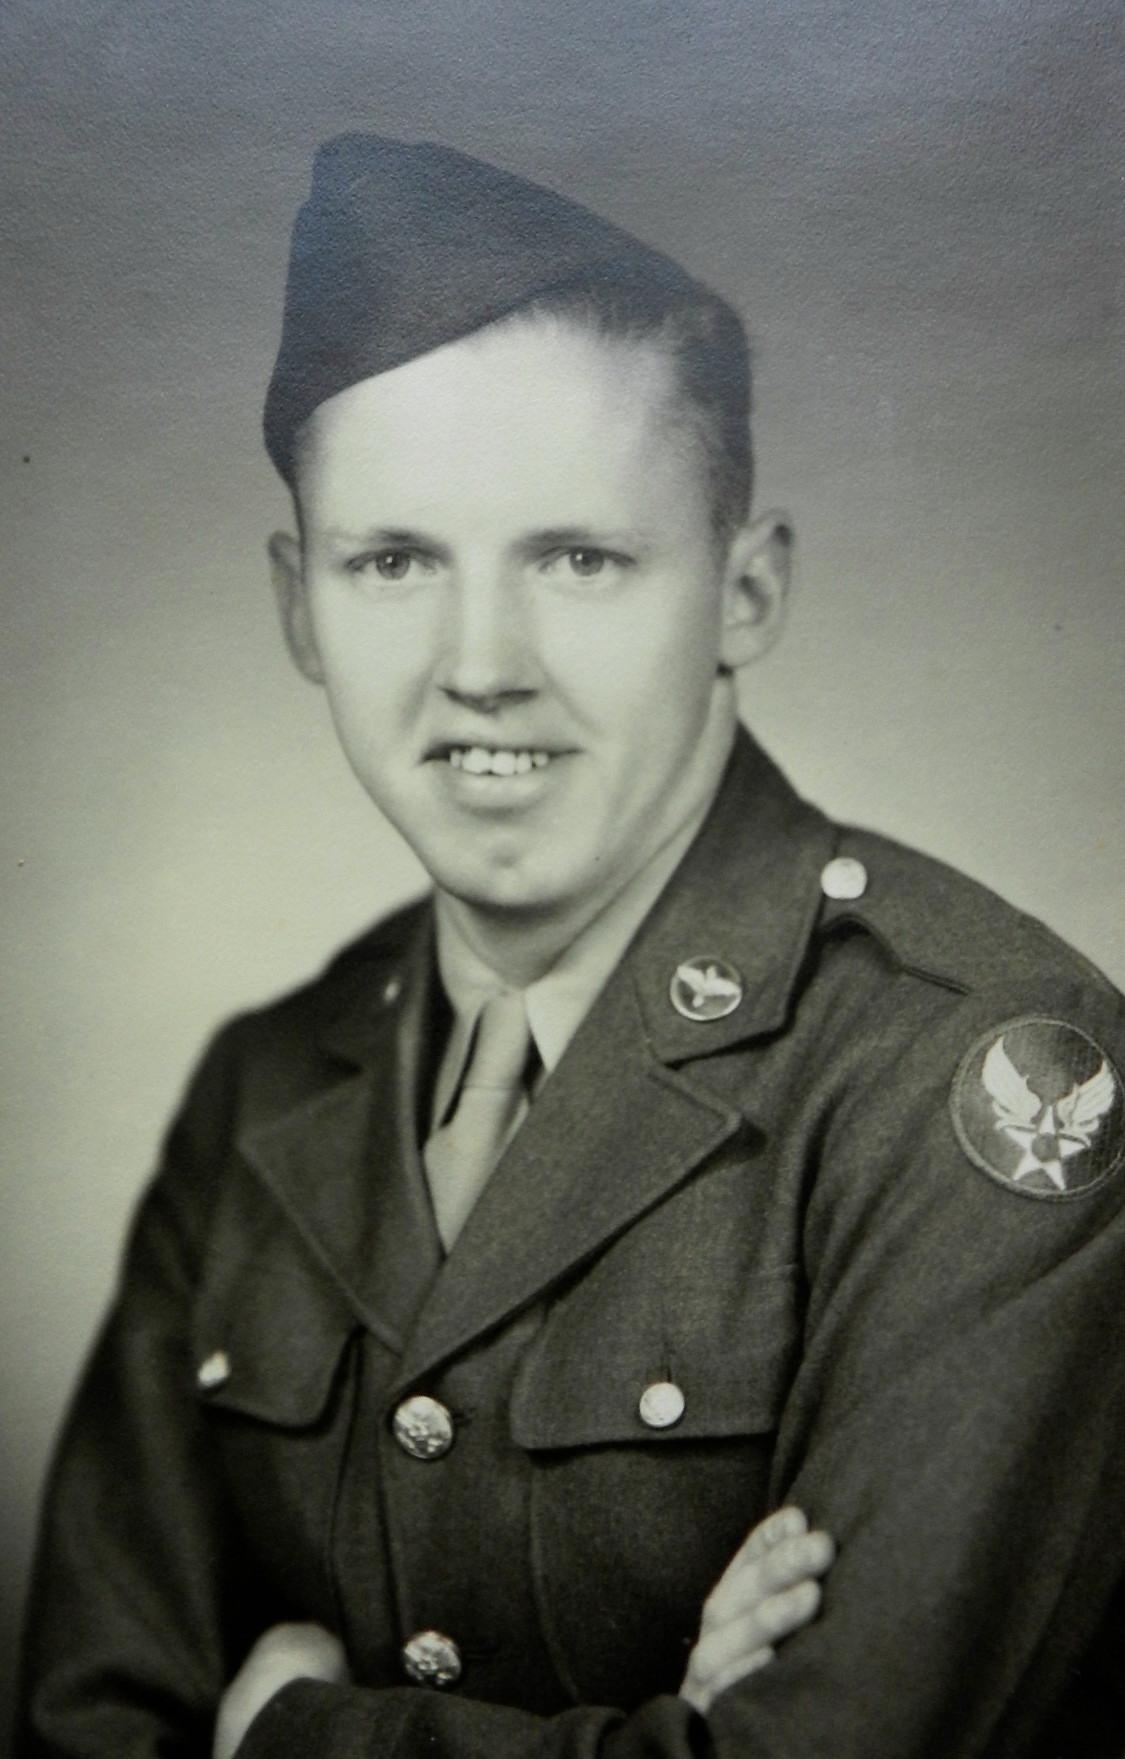 Robert Leo Schuetz